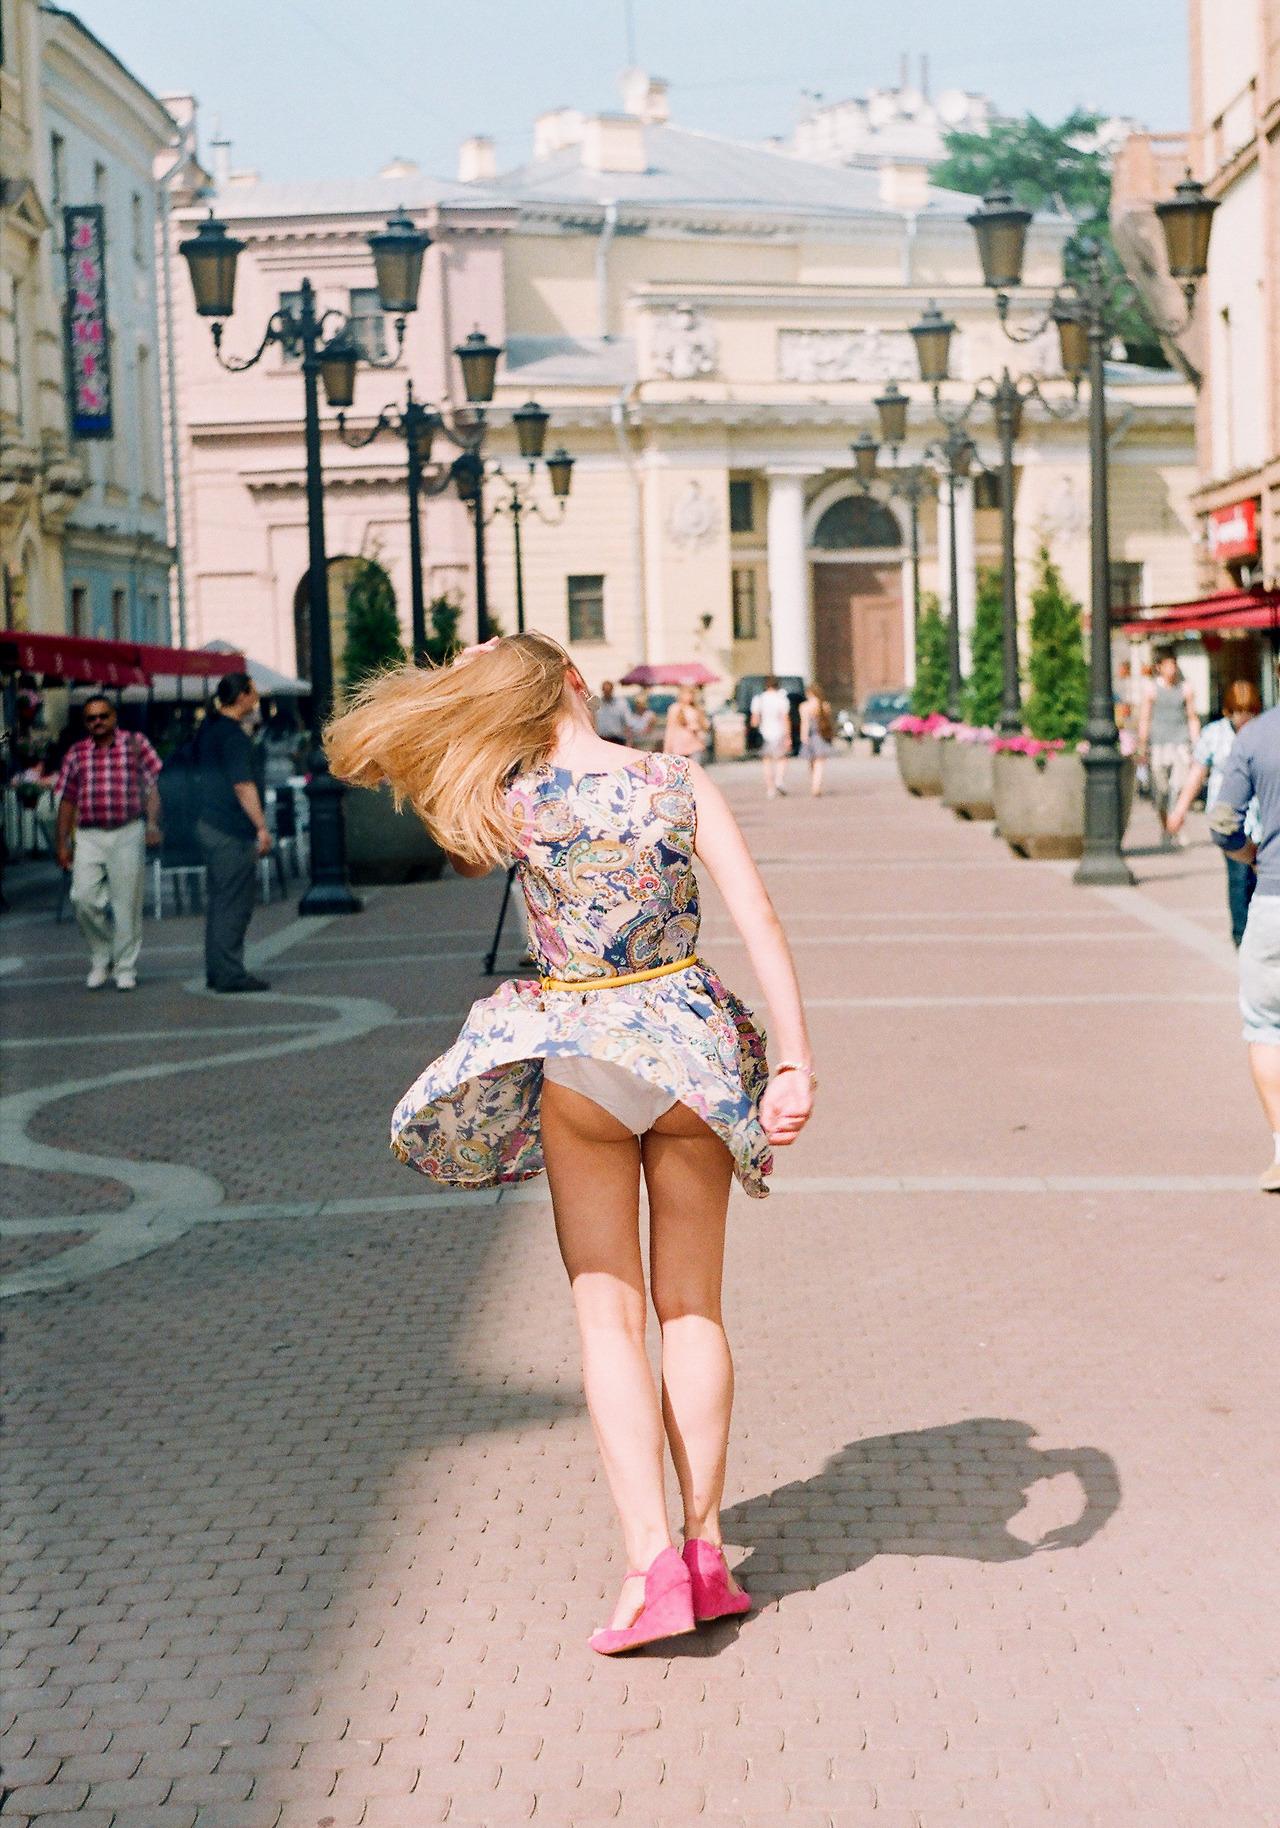 【パンチラエロ画像】自然には従う人たちwミニスカが風に舞えば下着も丸見え(;´∀`)